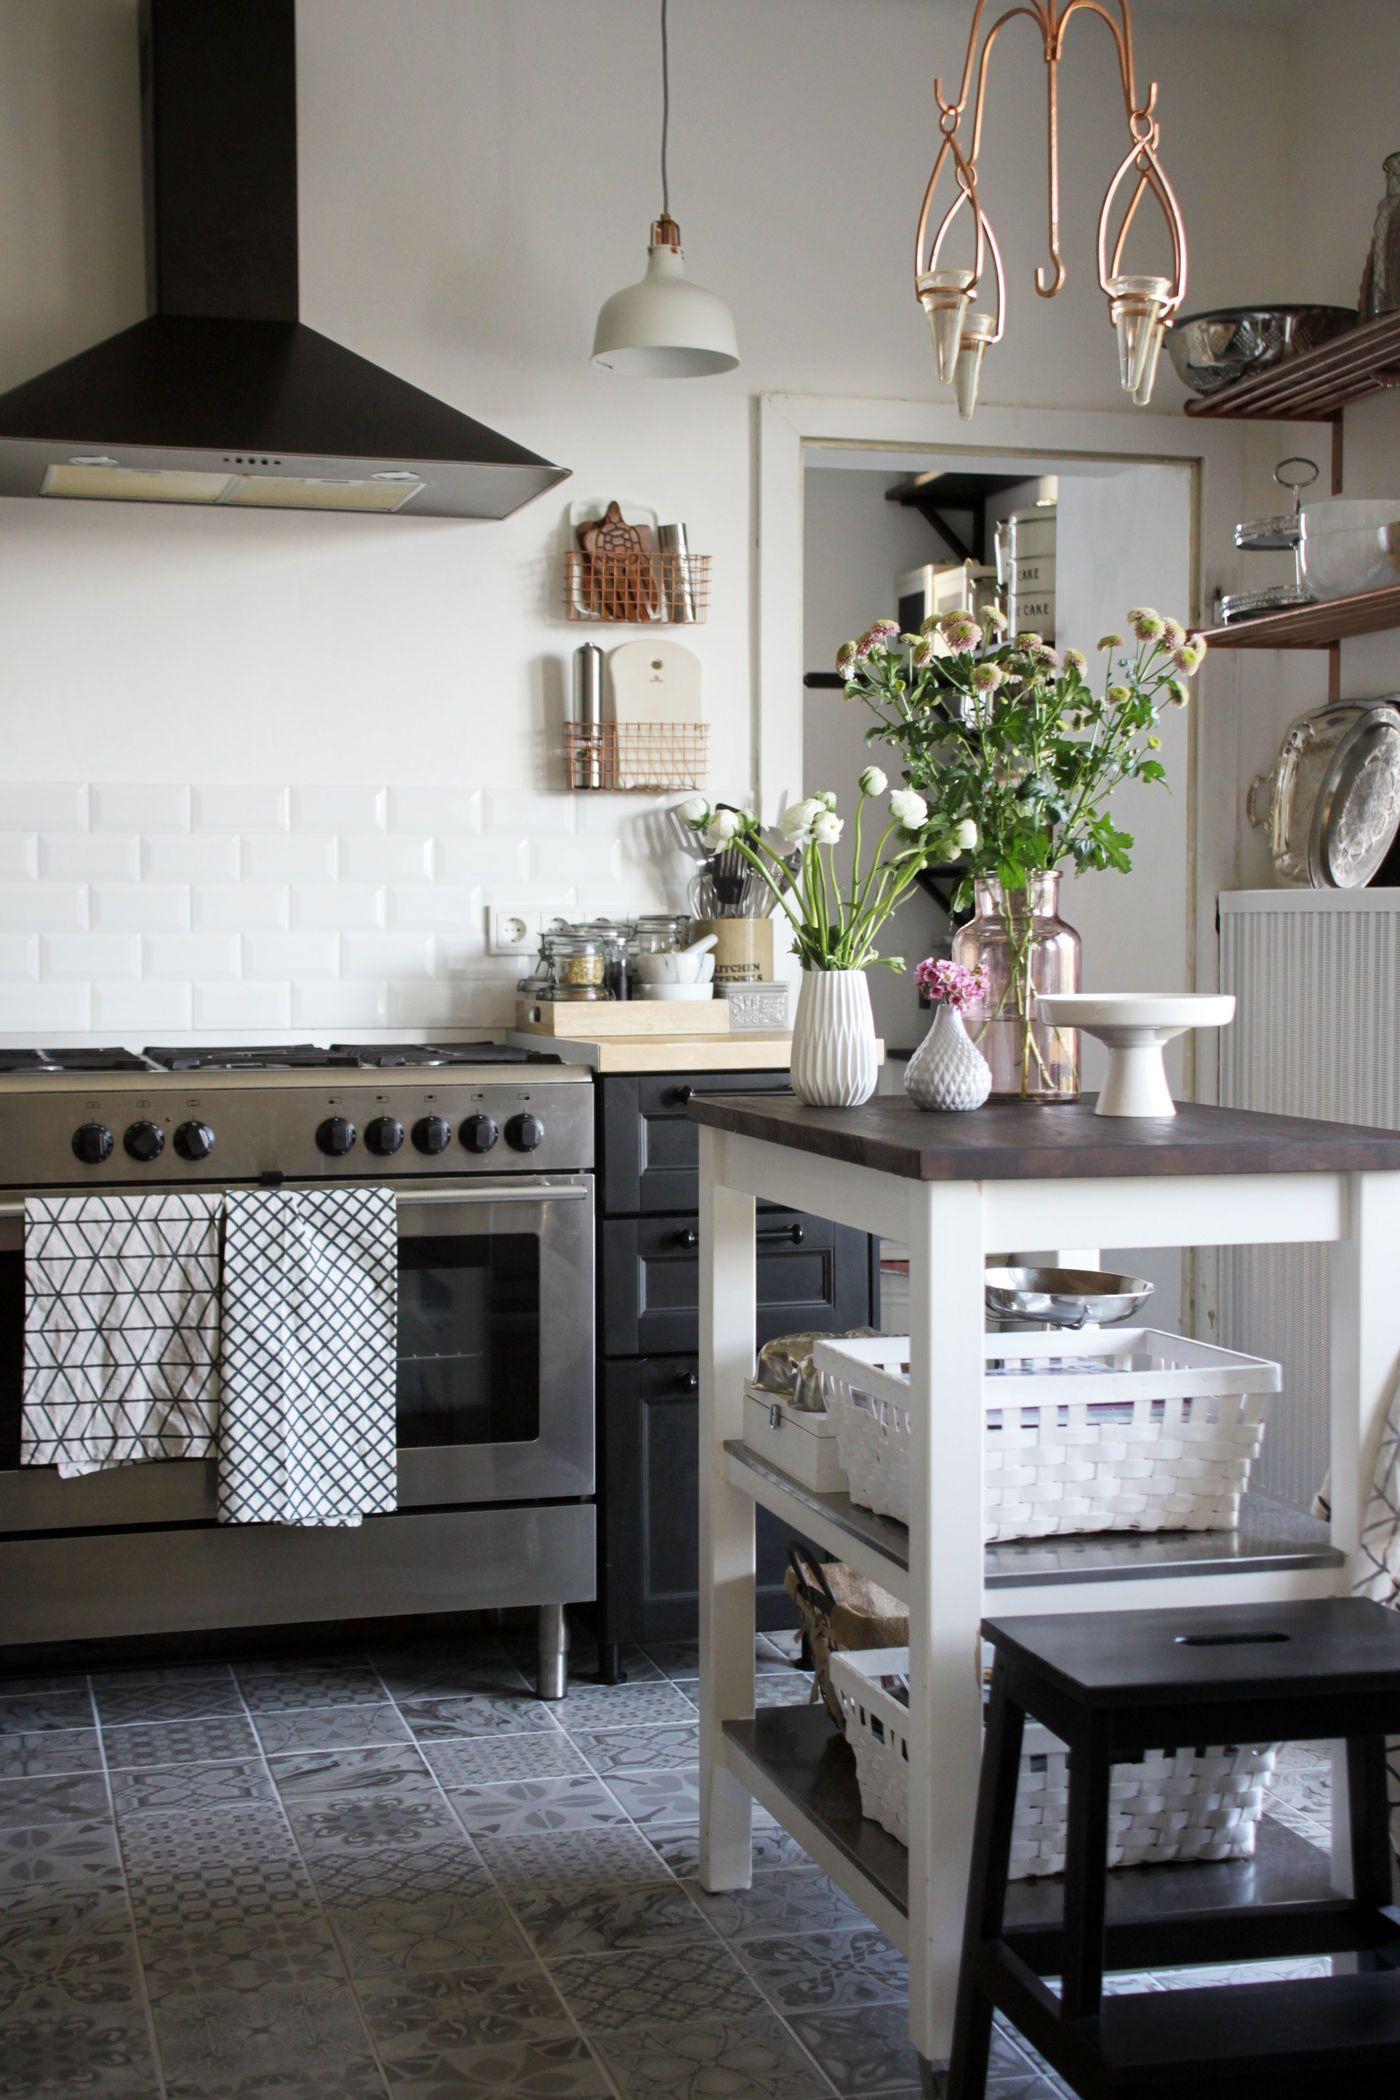 Gemütlich Dosen Beleuchtung Küche Bilder - Küche Set Ideen ...